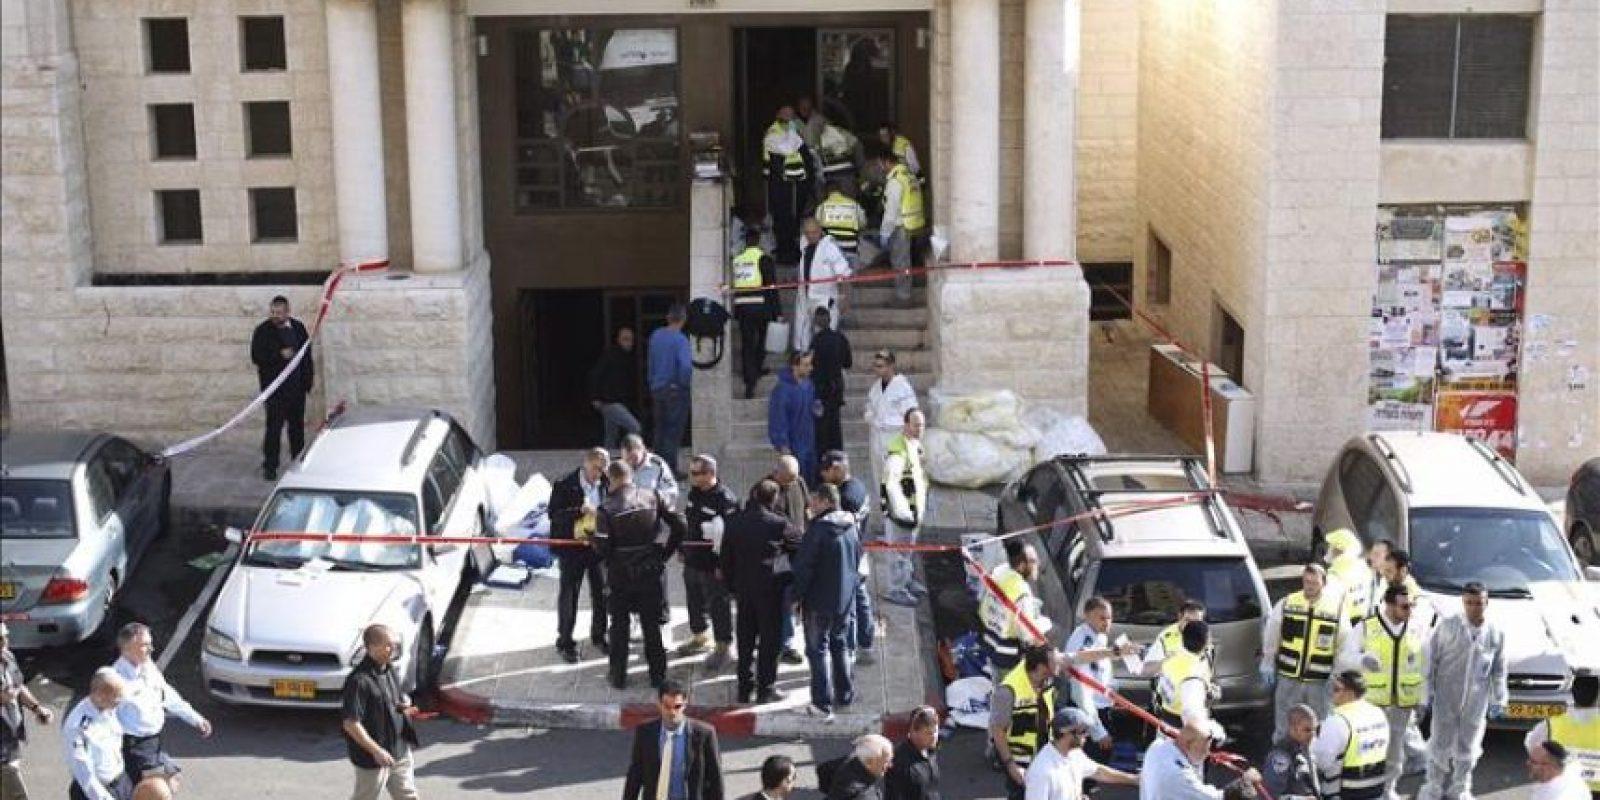 Personal del servicio de emergencias desplegado en la zona tras el ataque contra una sinagoga en Jerusalén (Israel) hoy. EFE